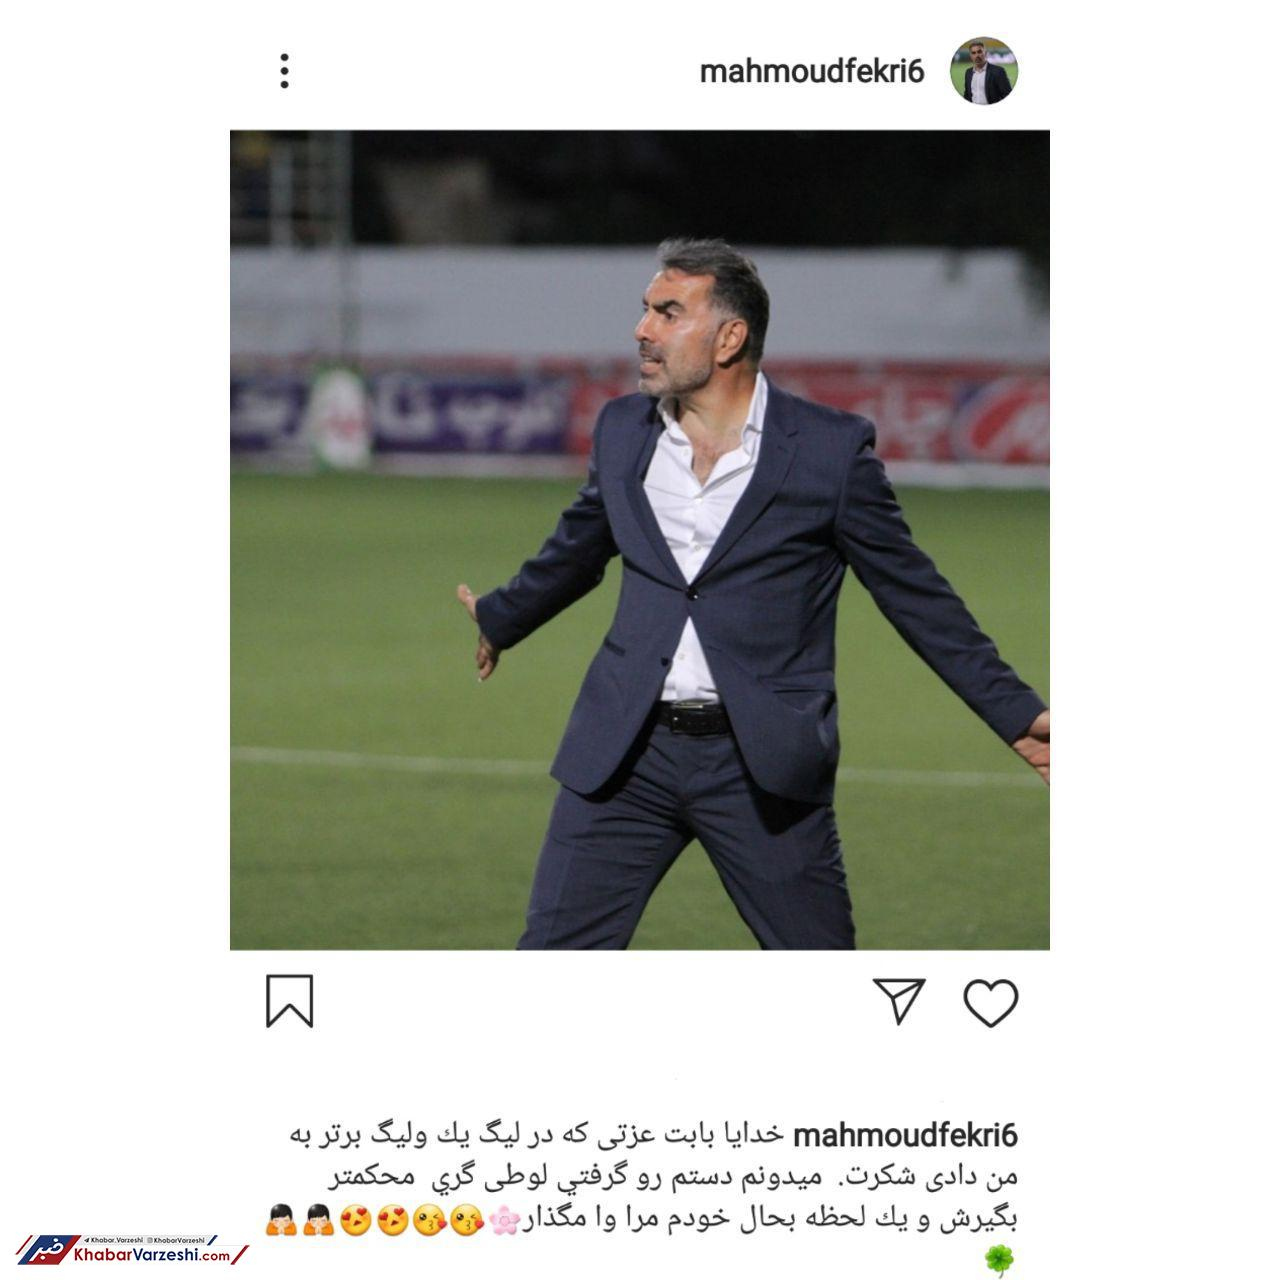 عکس| پست جالب محمود فکری در پایان لیگ برتر